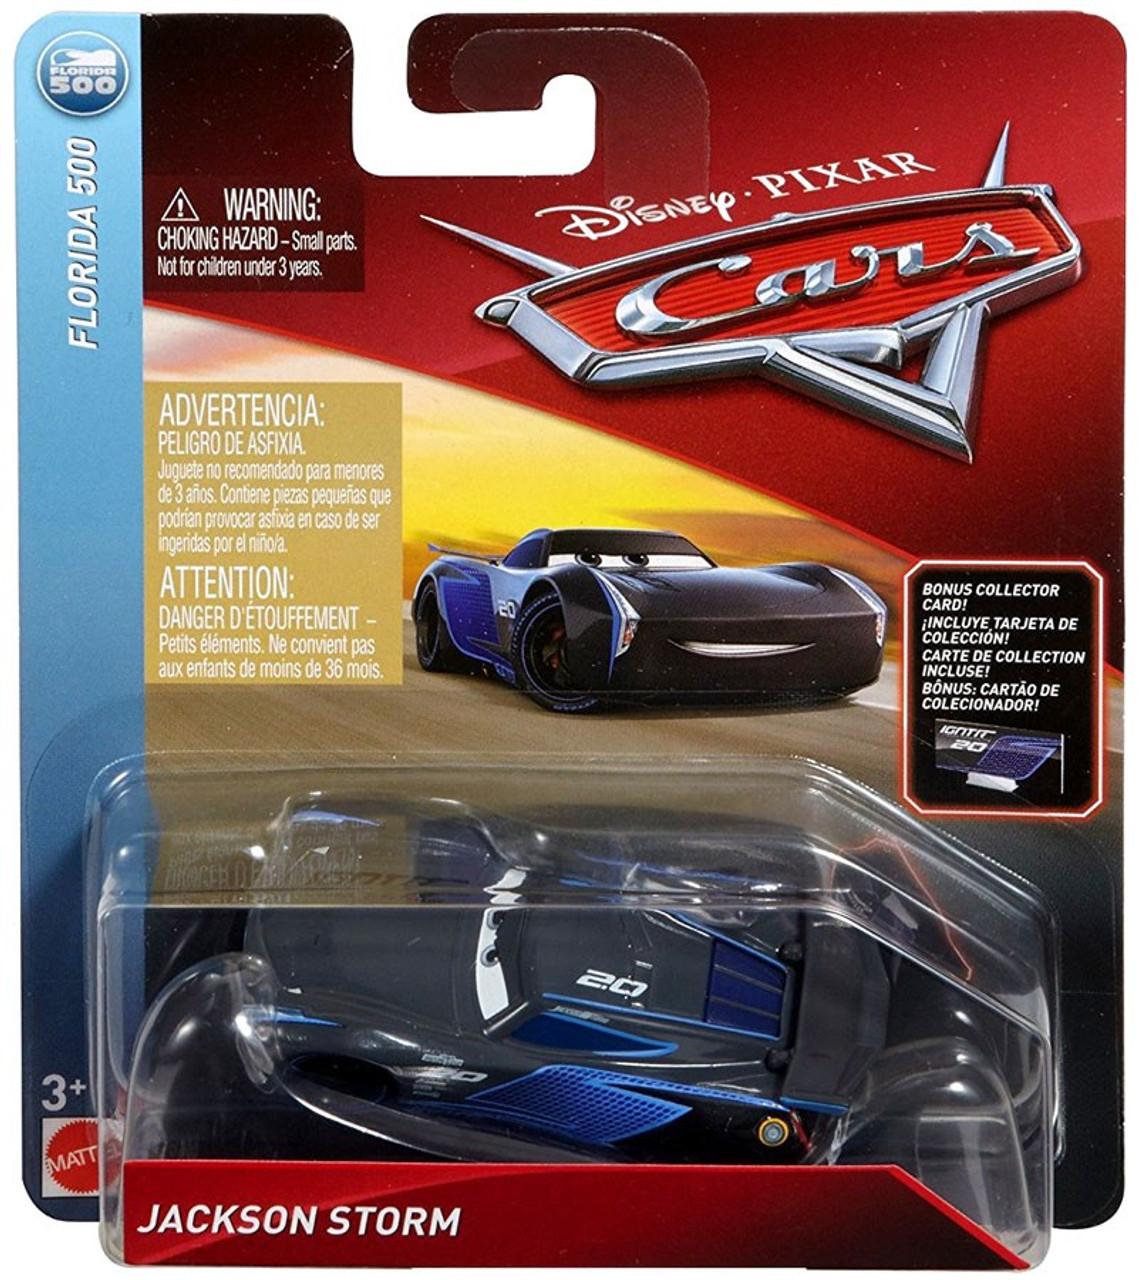 Disney Pixar Cars Cars 3 Florida 500 Jackson Storm 155